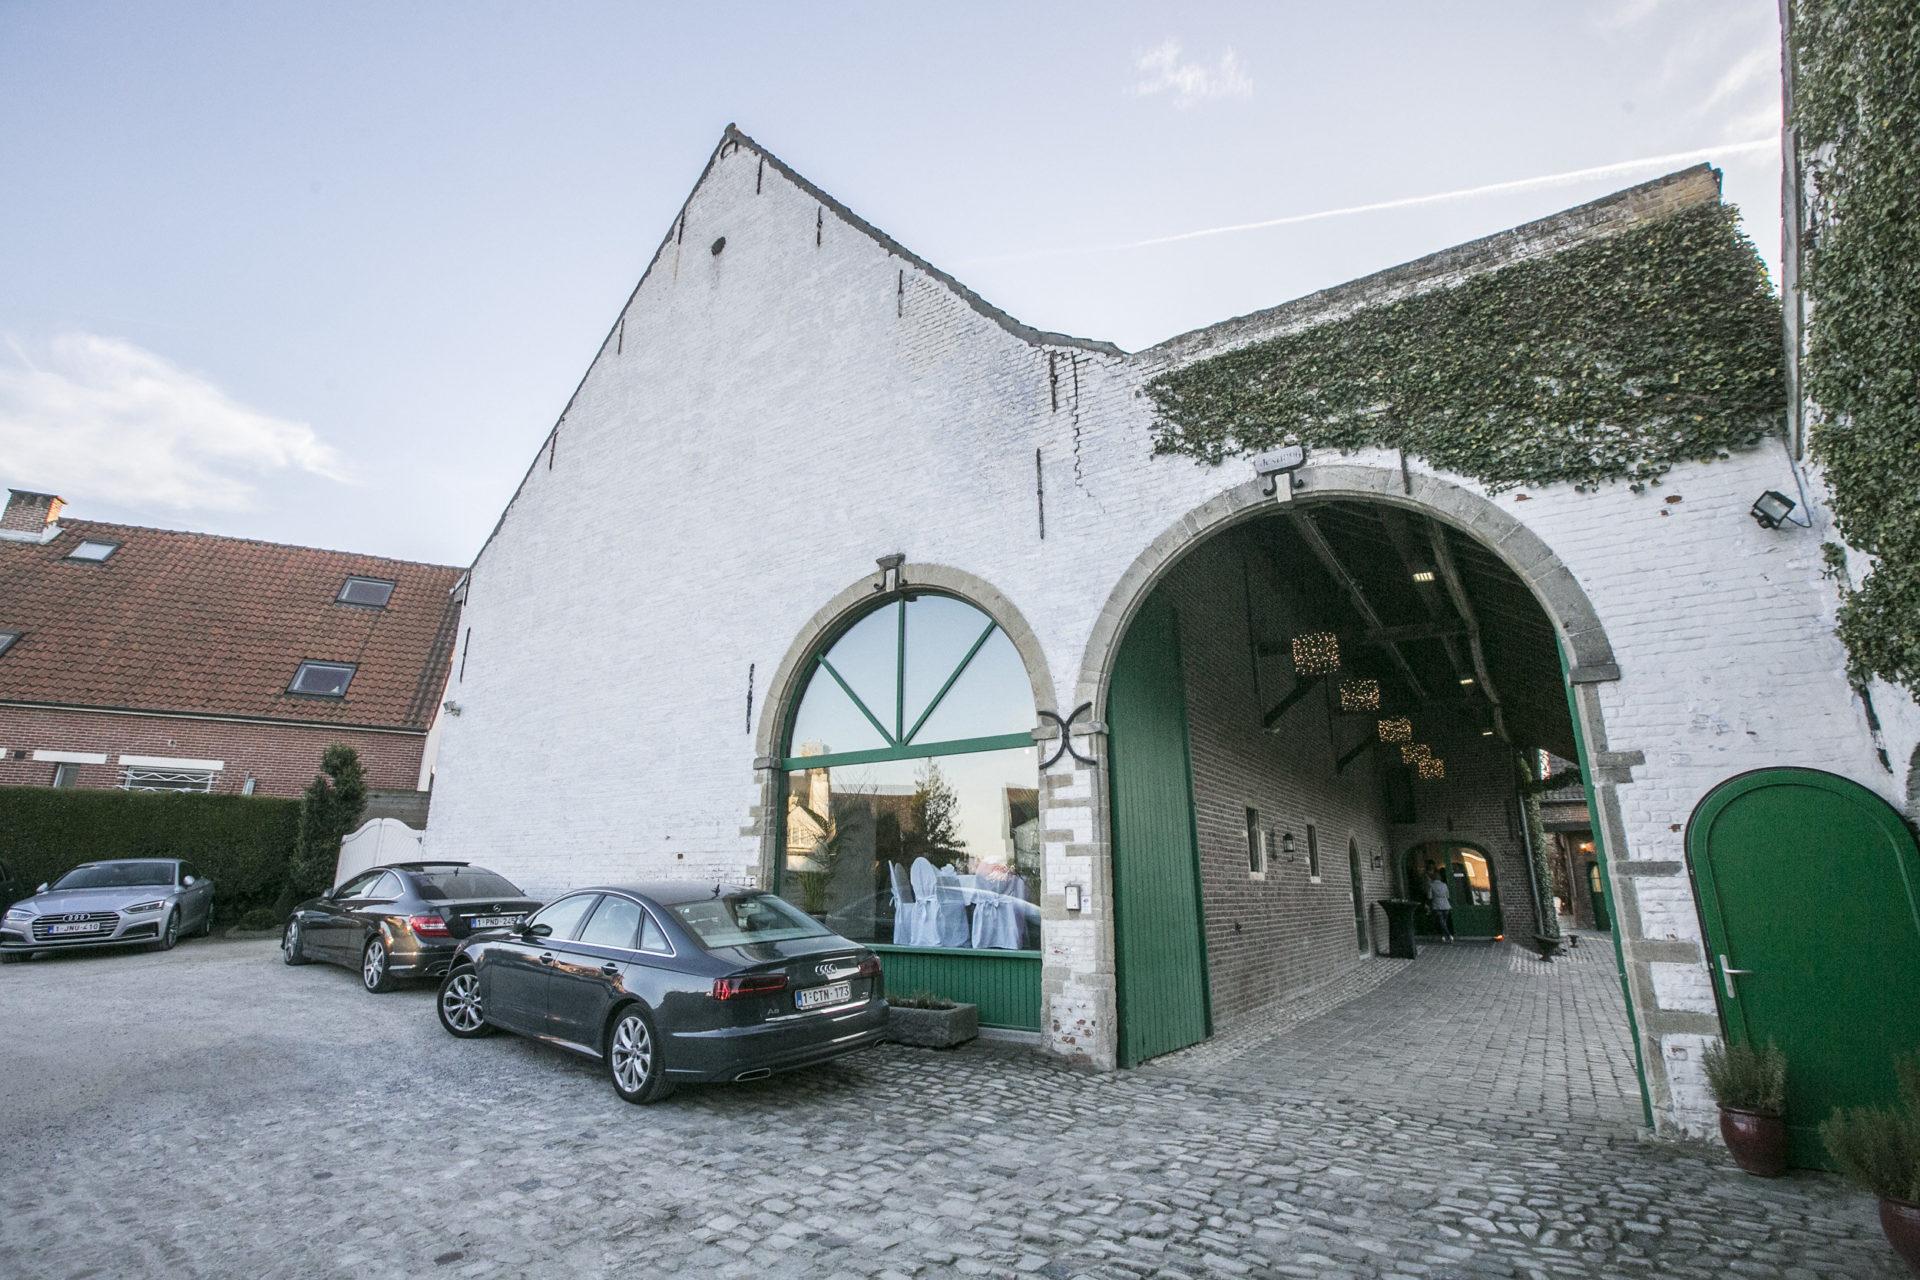 Karrenhuis - Salons de Romree